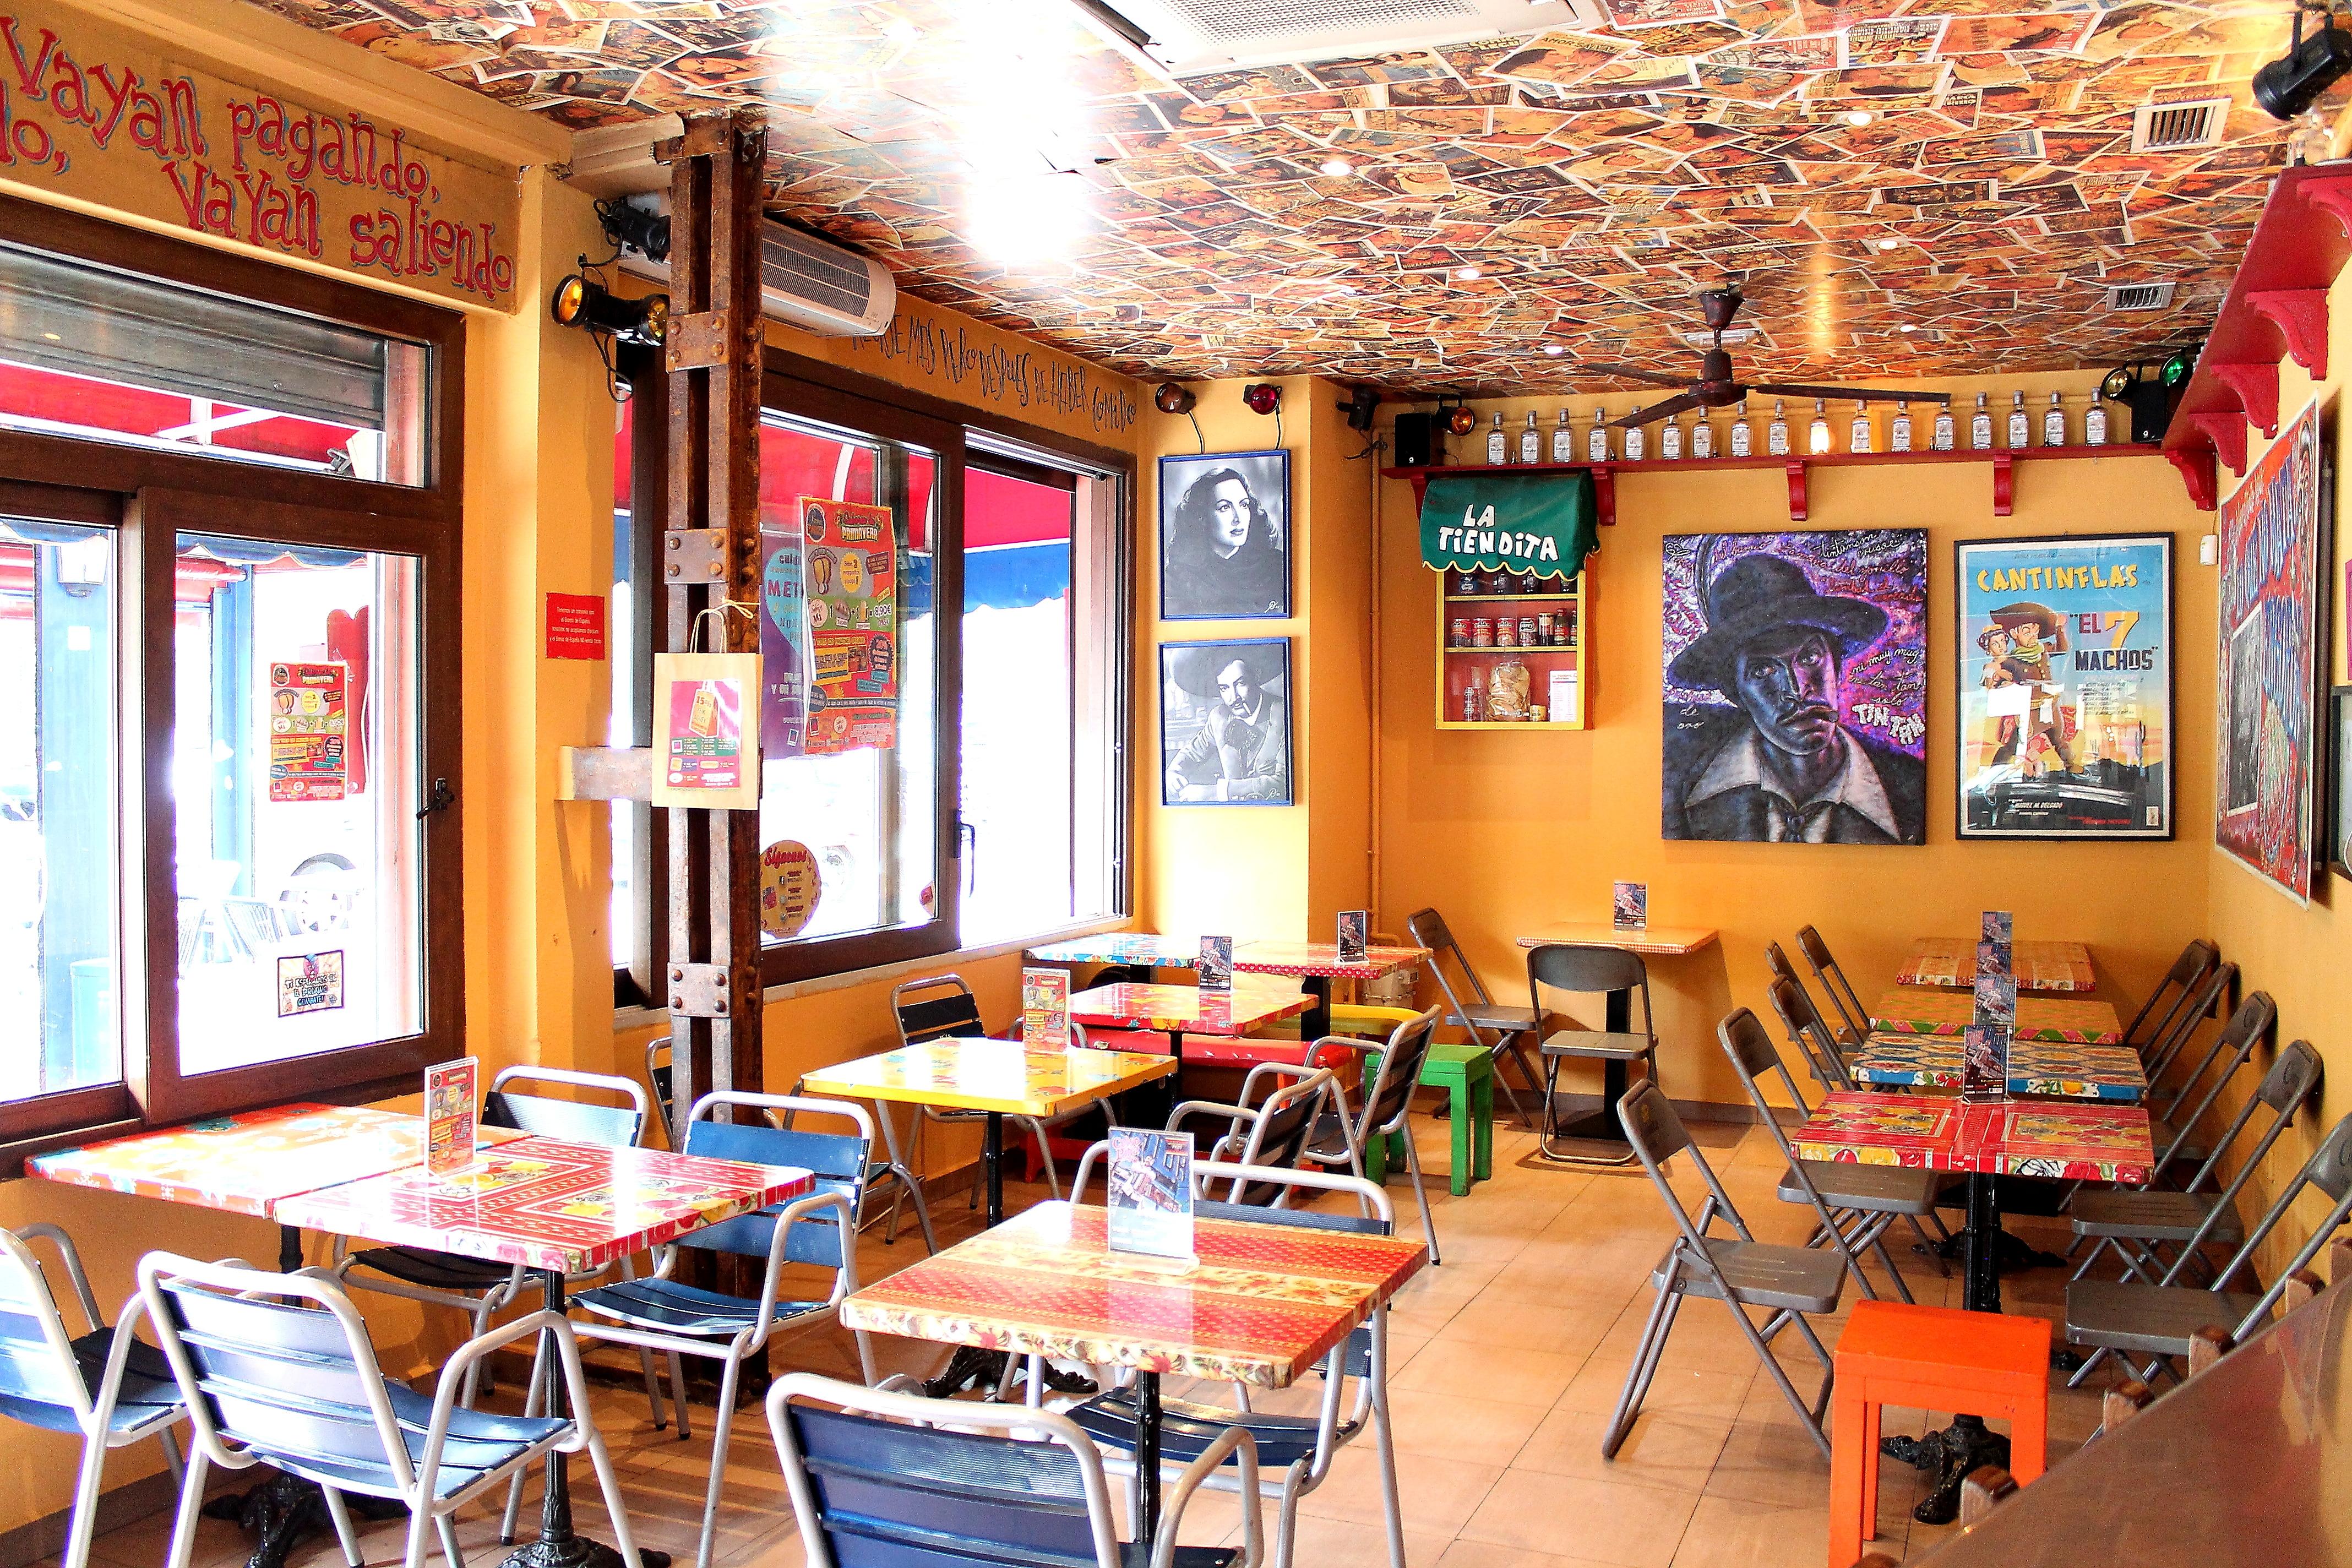 La panza es primero calle santa engracia 114 madrid for Oficina de madrid santa engracia